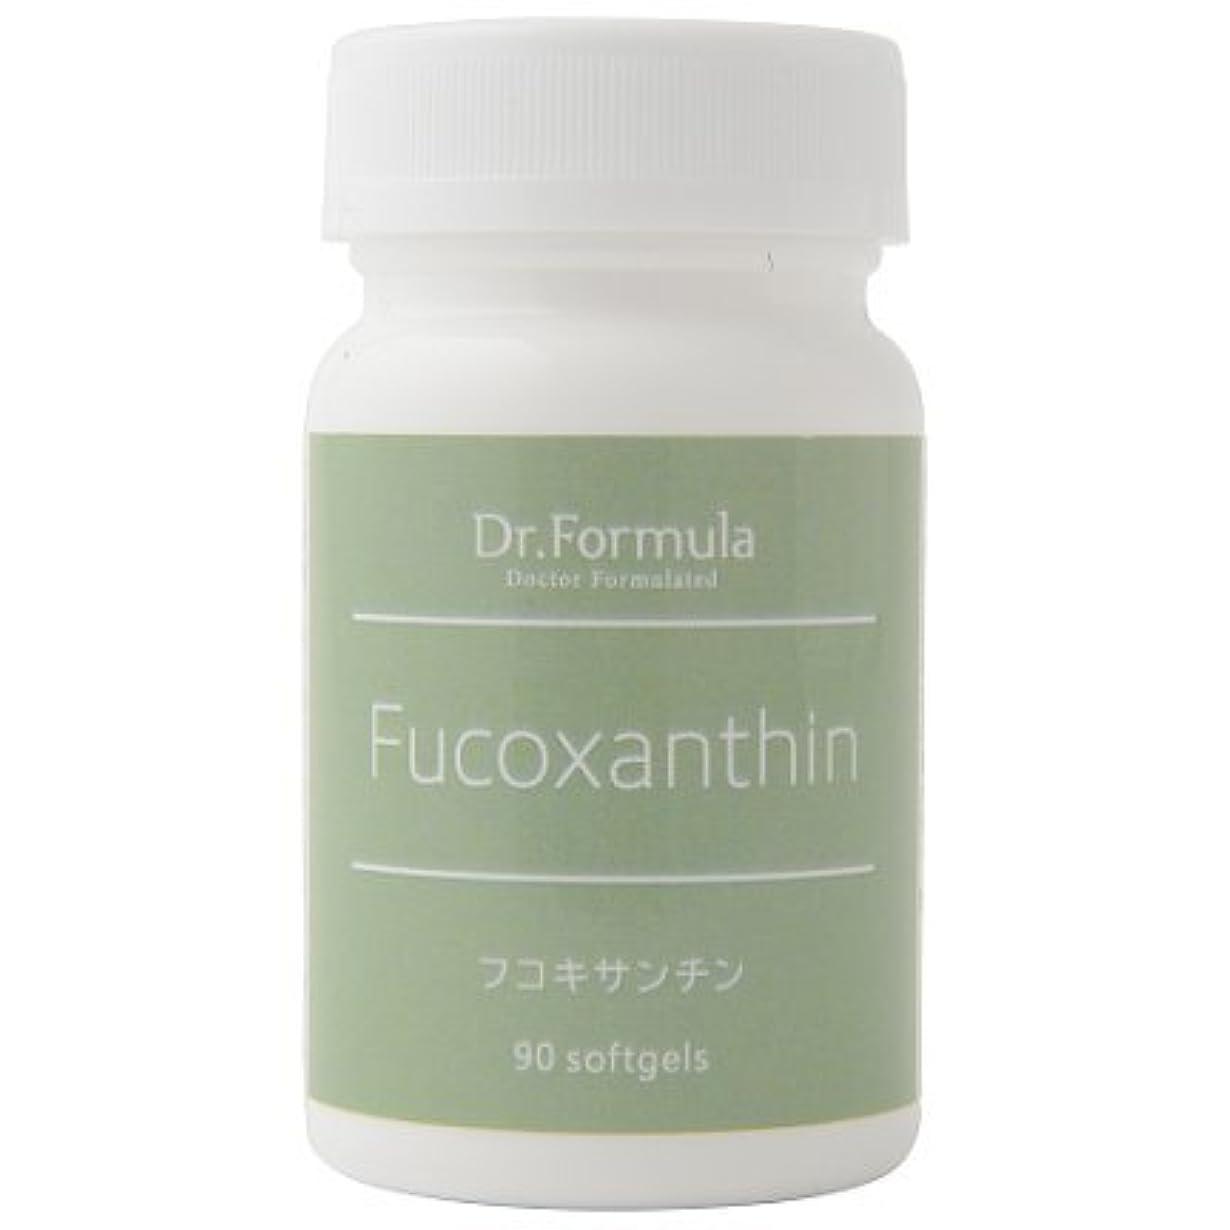 志すその後全滅させるDr.Formula フコキサンチン(テレビで話題の希少成分) 30日分 90粒 日本製 Fucoxanthin